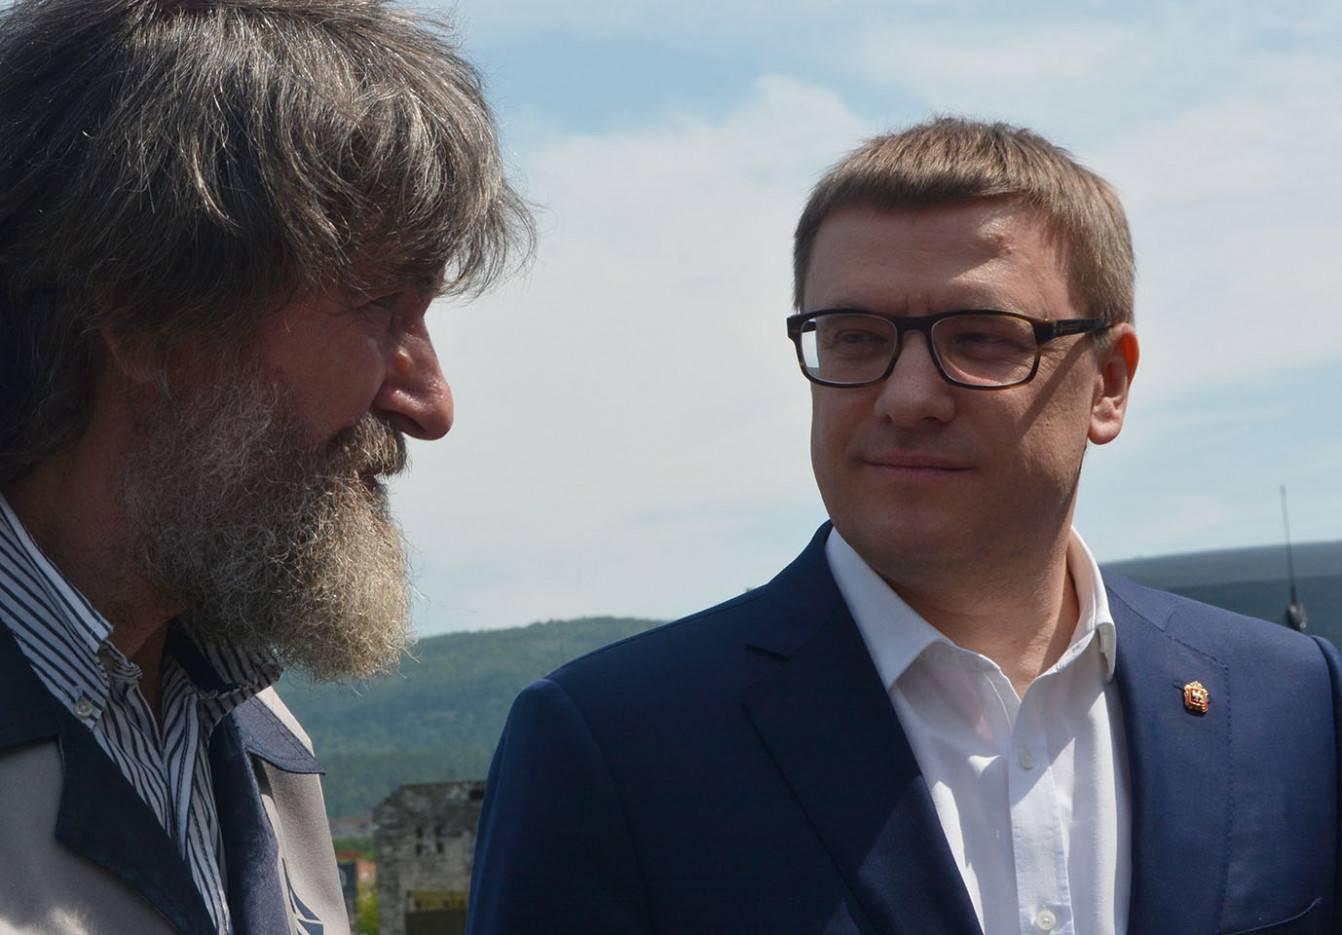 Алексей Текслер в Миассе: потенциал города должен работать не на кланы, а на жителей